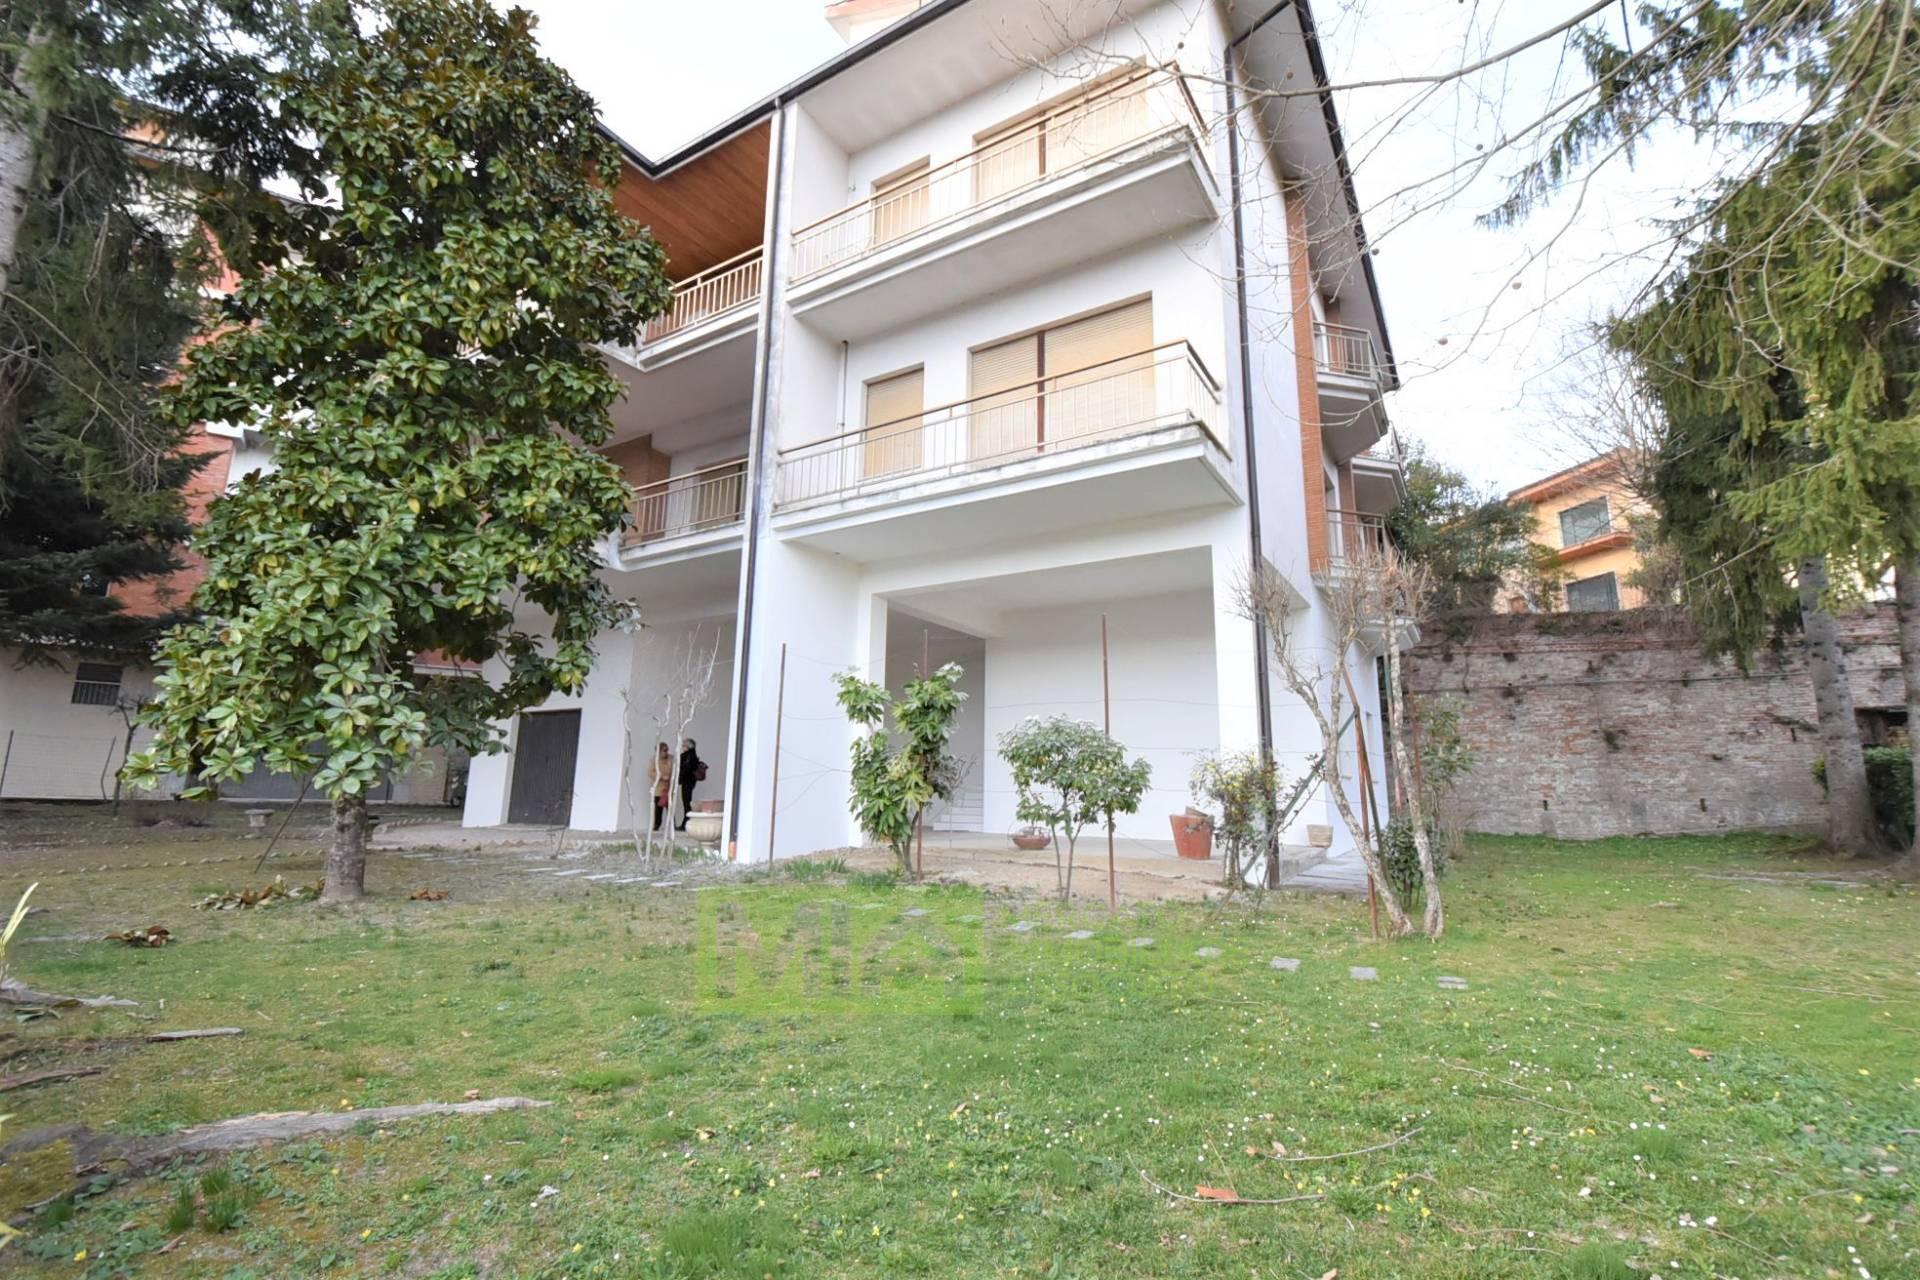 Appartamento in vendita a Amandola, 6 locali, zona Località: Centro, prezzo € 180.000   PortaleAgenzieImmobiliari.it